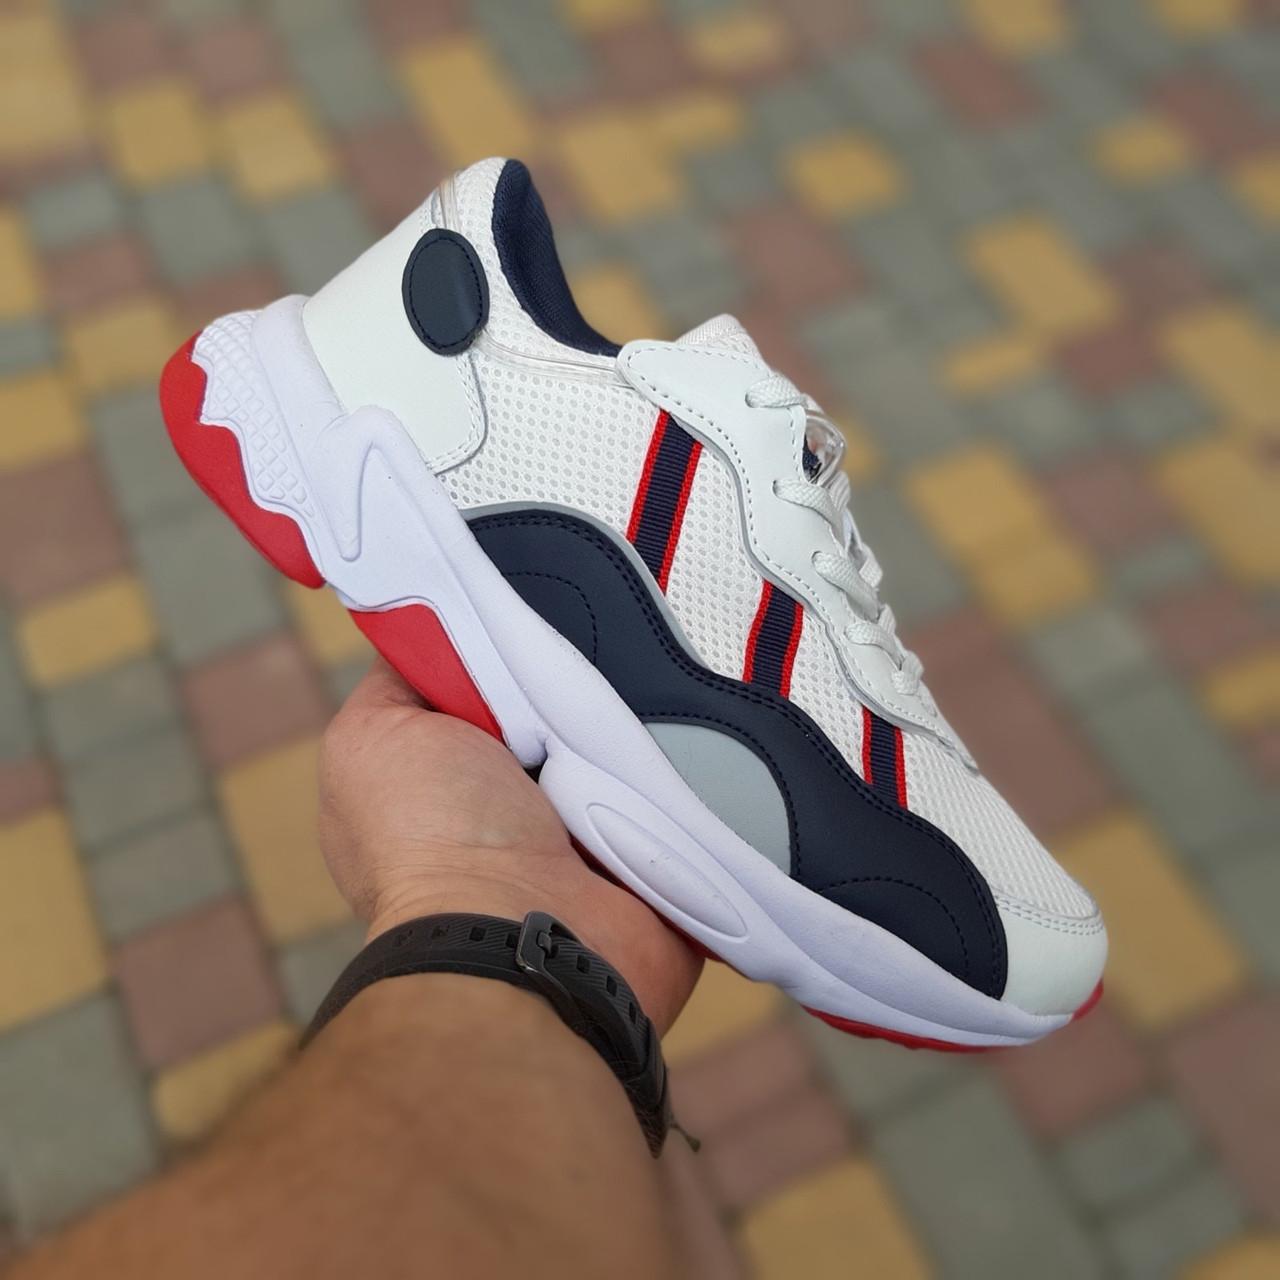 Кросівки чоловічі розпродаж АКЦІЯ 650 грн Adidas 41й(26см), 44й(28см) останні розміри люкс копія